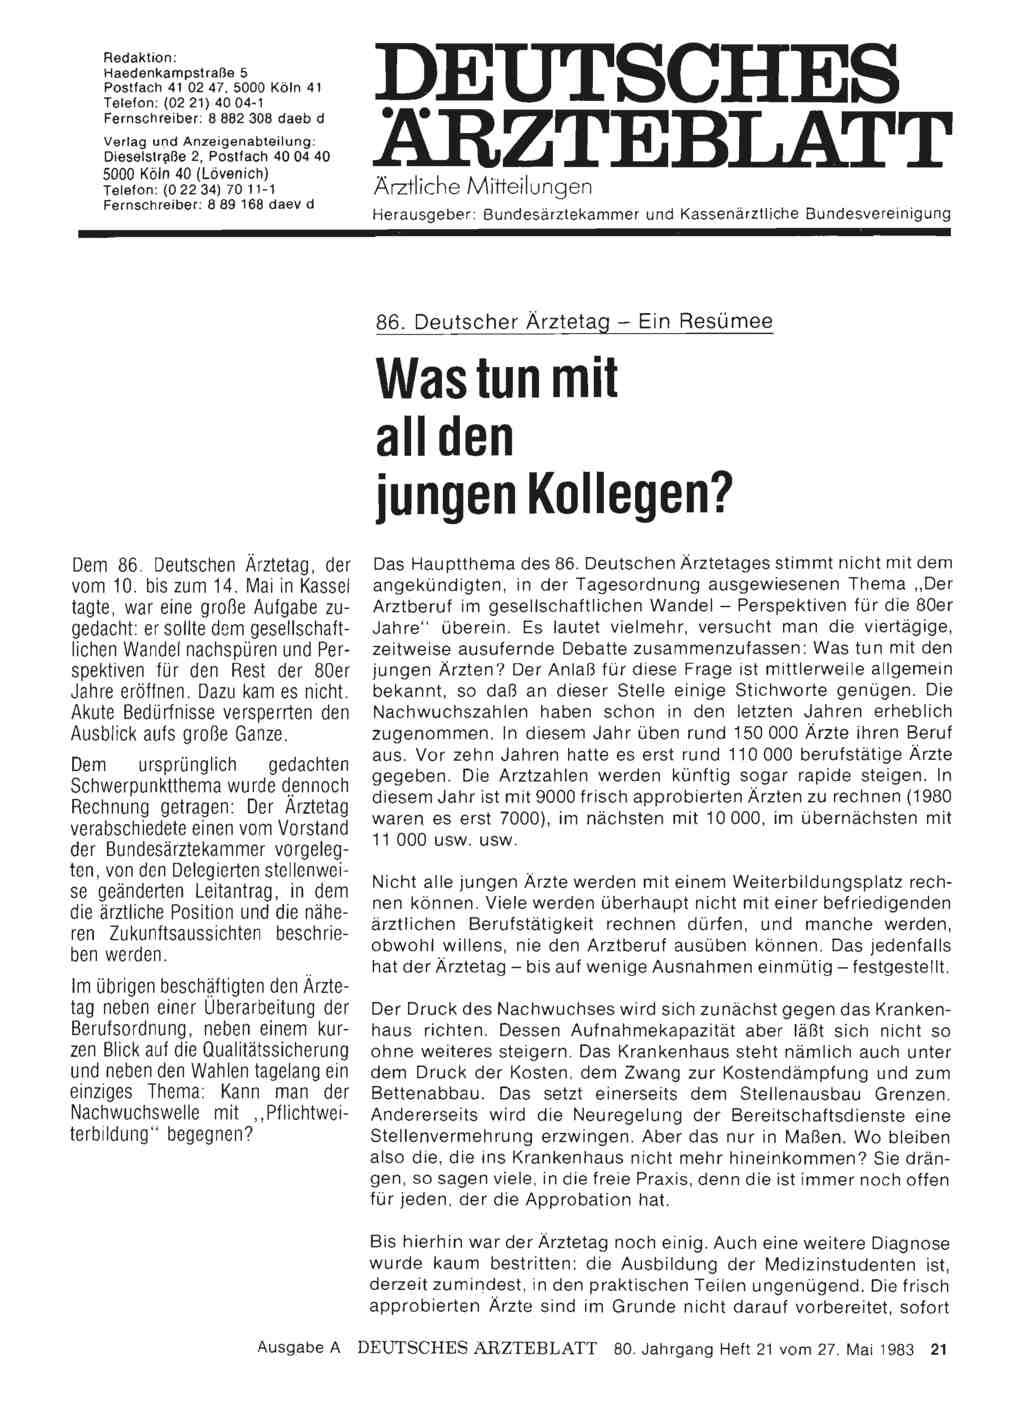 86 Deutscher ärztetag Ein Resümee Was Tun Mit All Den Jungen